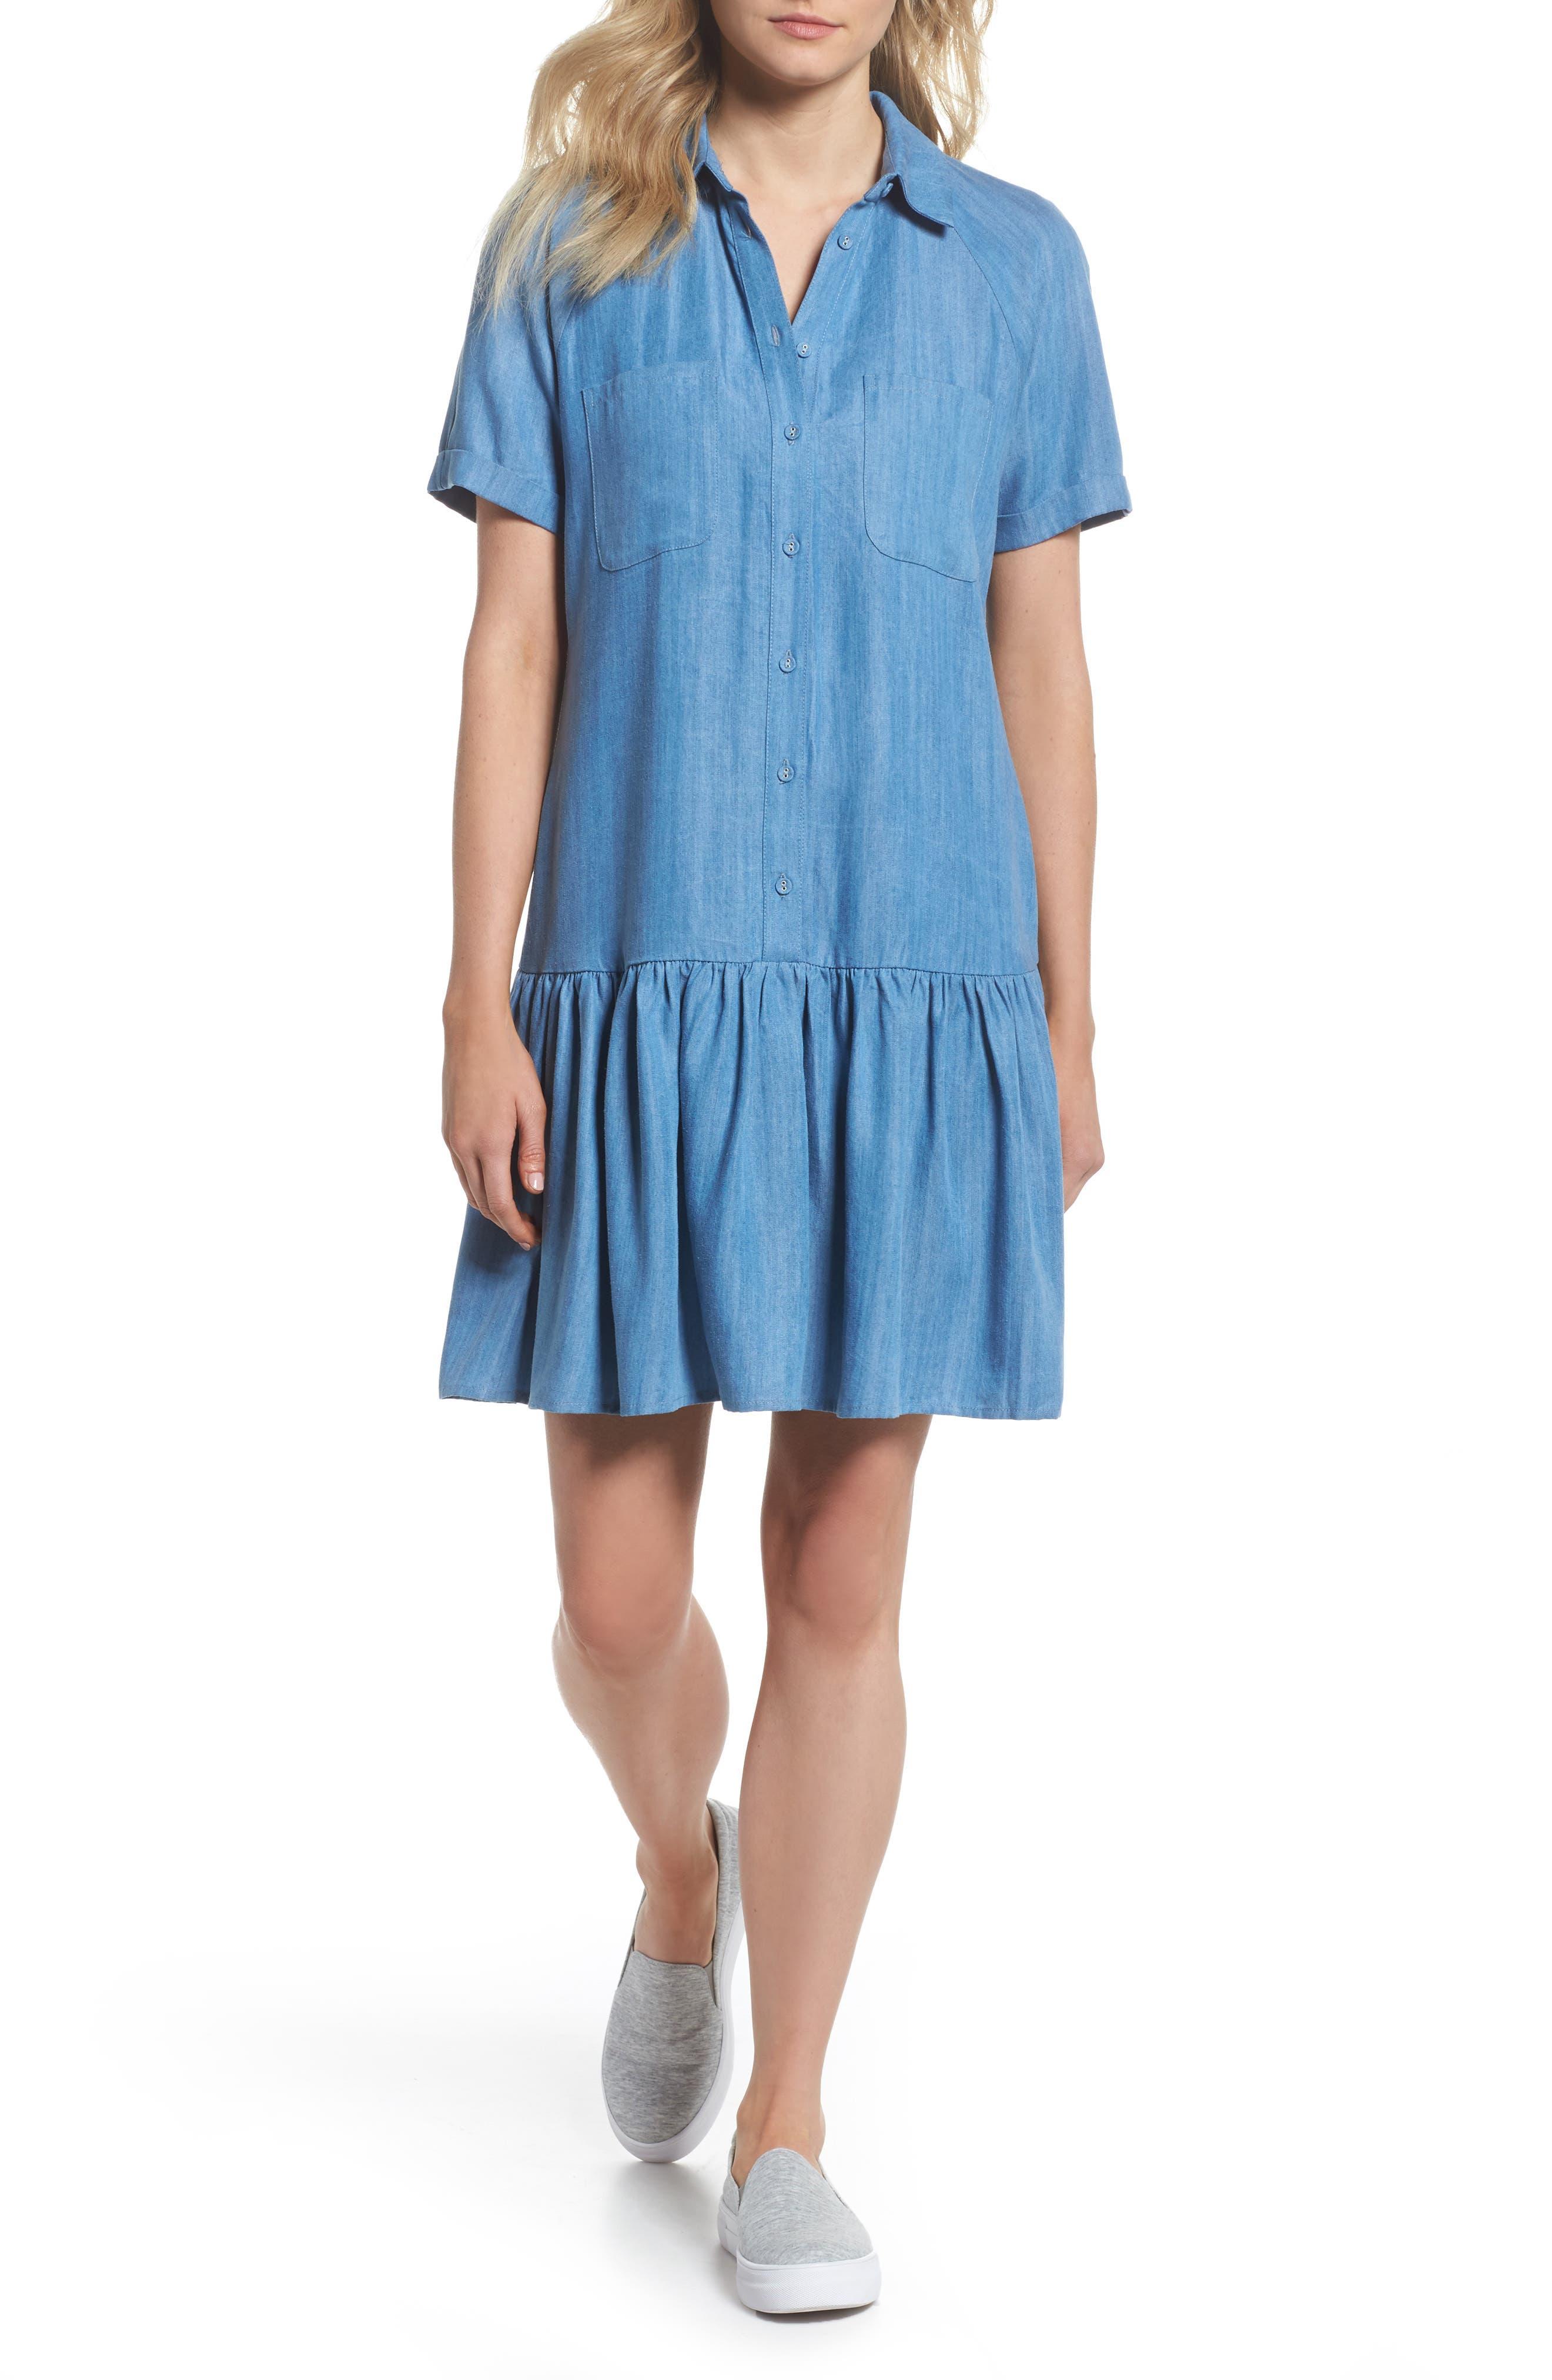 Maven Ruffle Shirtdress,                             Main thumbnail 1, color,                             Washed Indigo